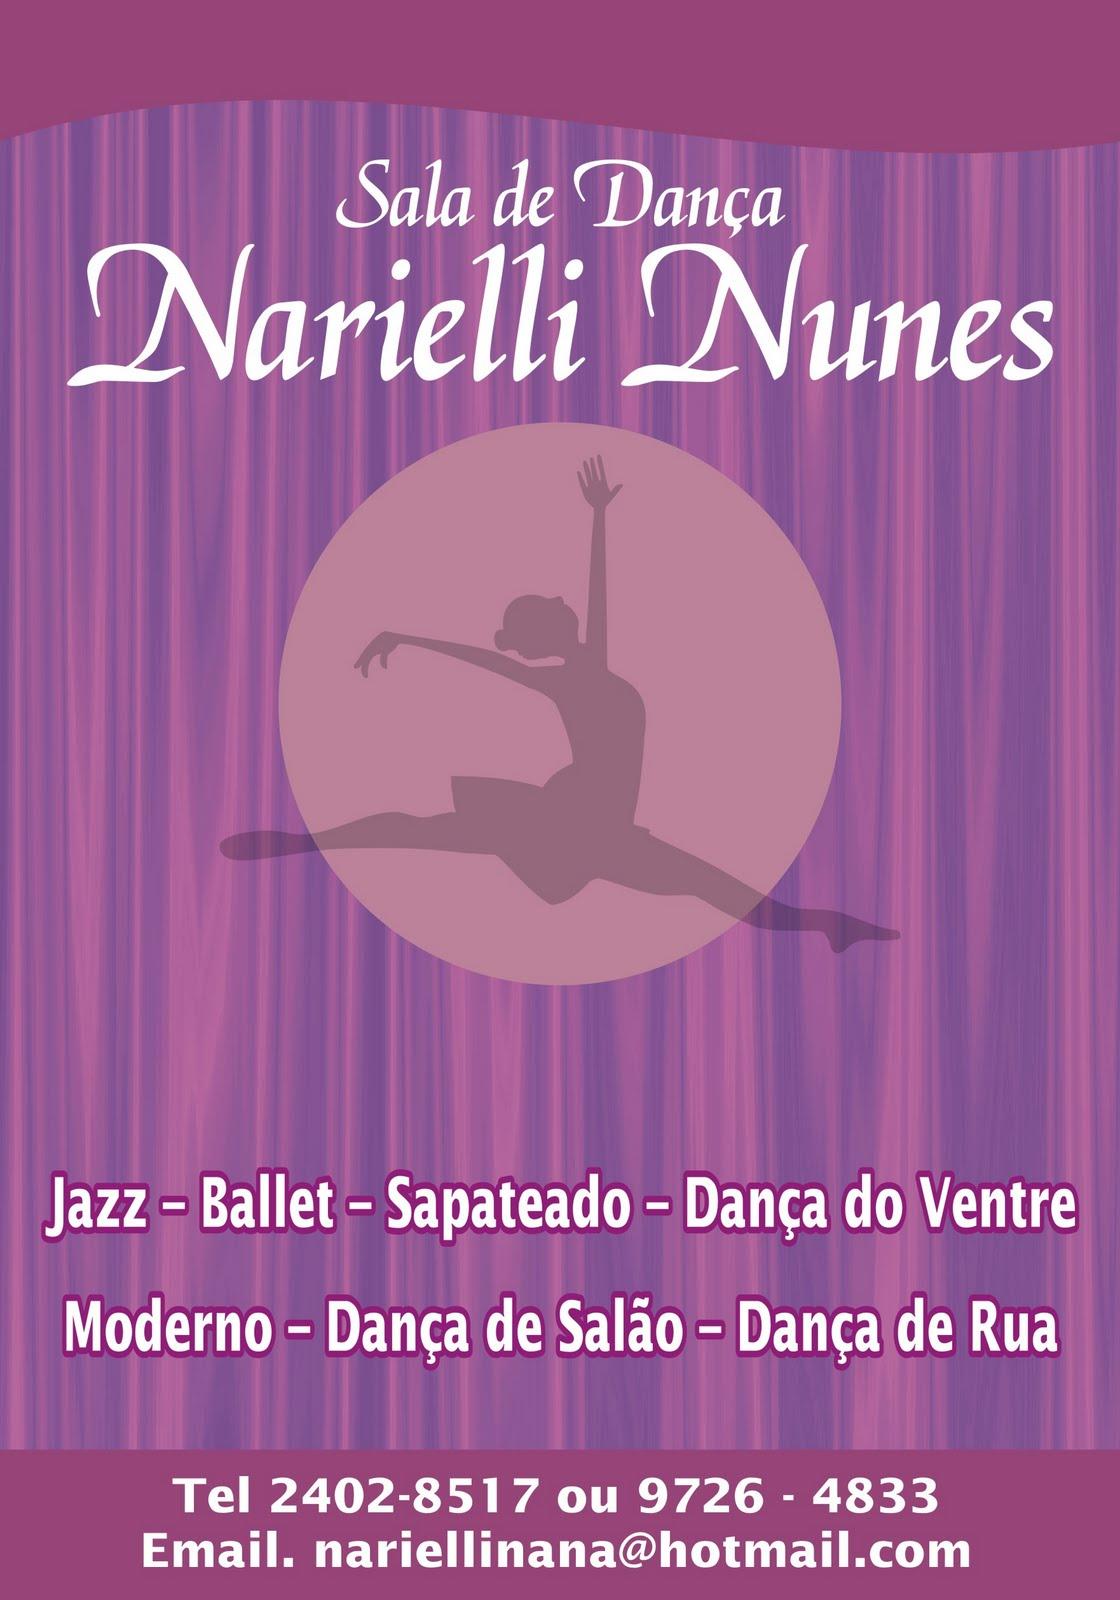 Sala de Dança Narielli Nunes